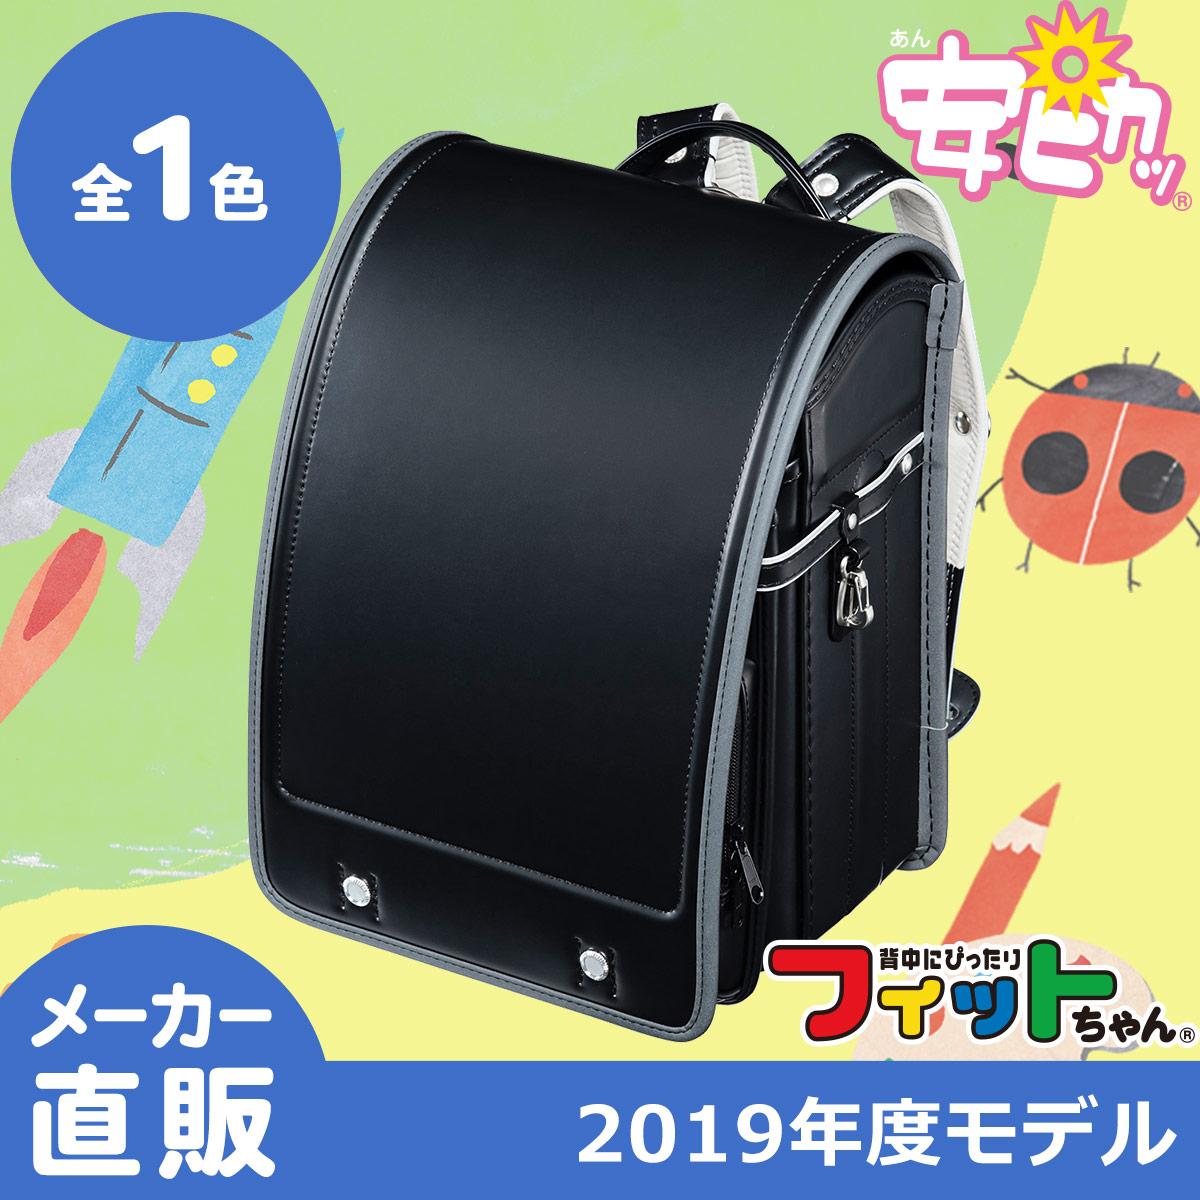 フィットちゃん 安ピカ フィットちゃん201 安ピカッタイプ(FIT-201AZ)2019年モデル フィットちゃんランドセルA4フラットファイル収納サイズ